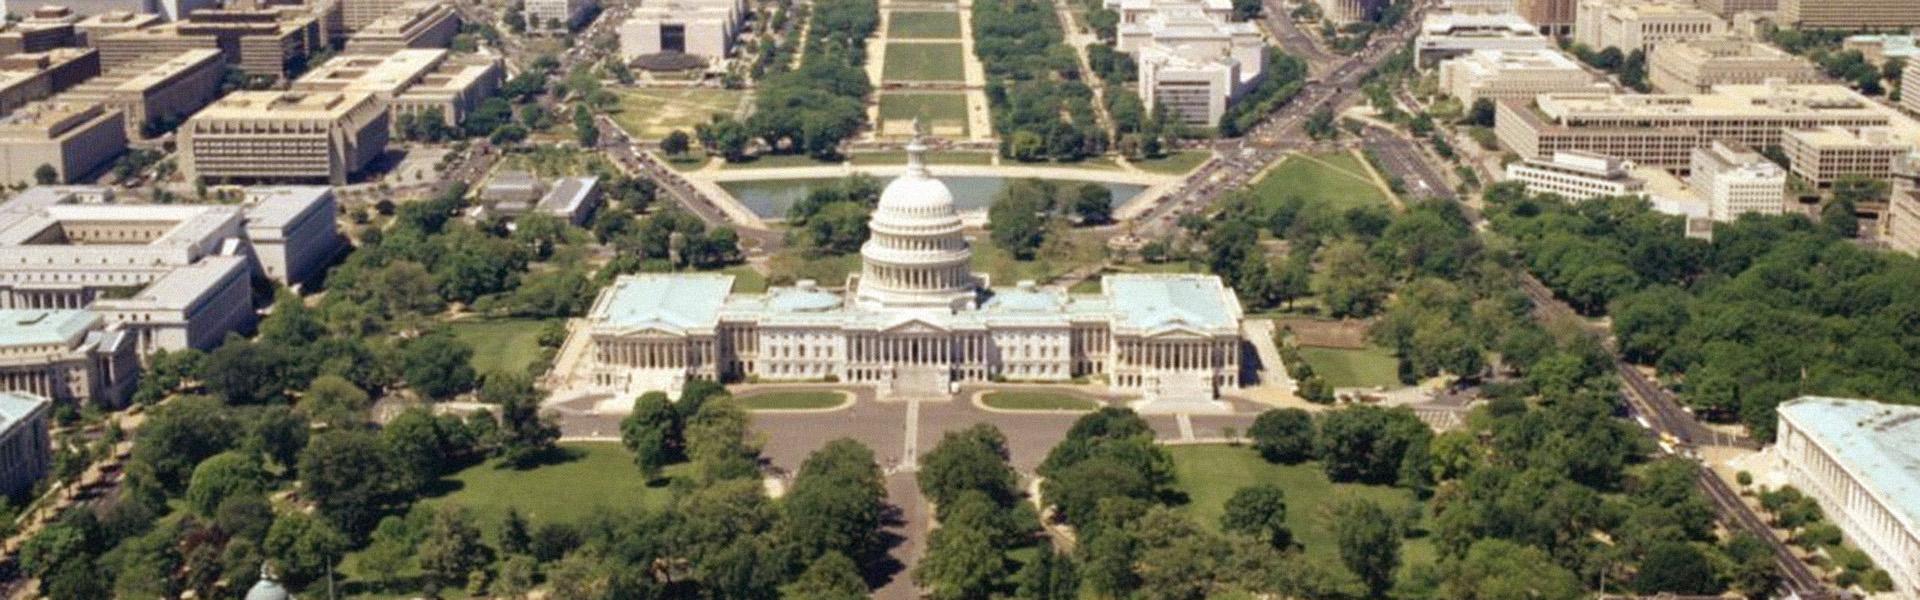 """Существует ли """"Вашингтонский обком"""" и «подпольное правительство»?"""